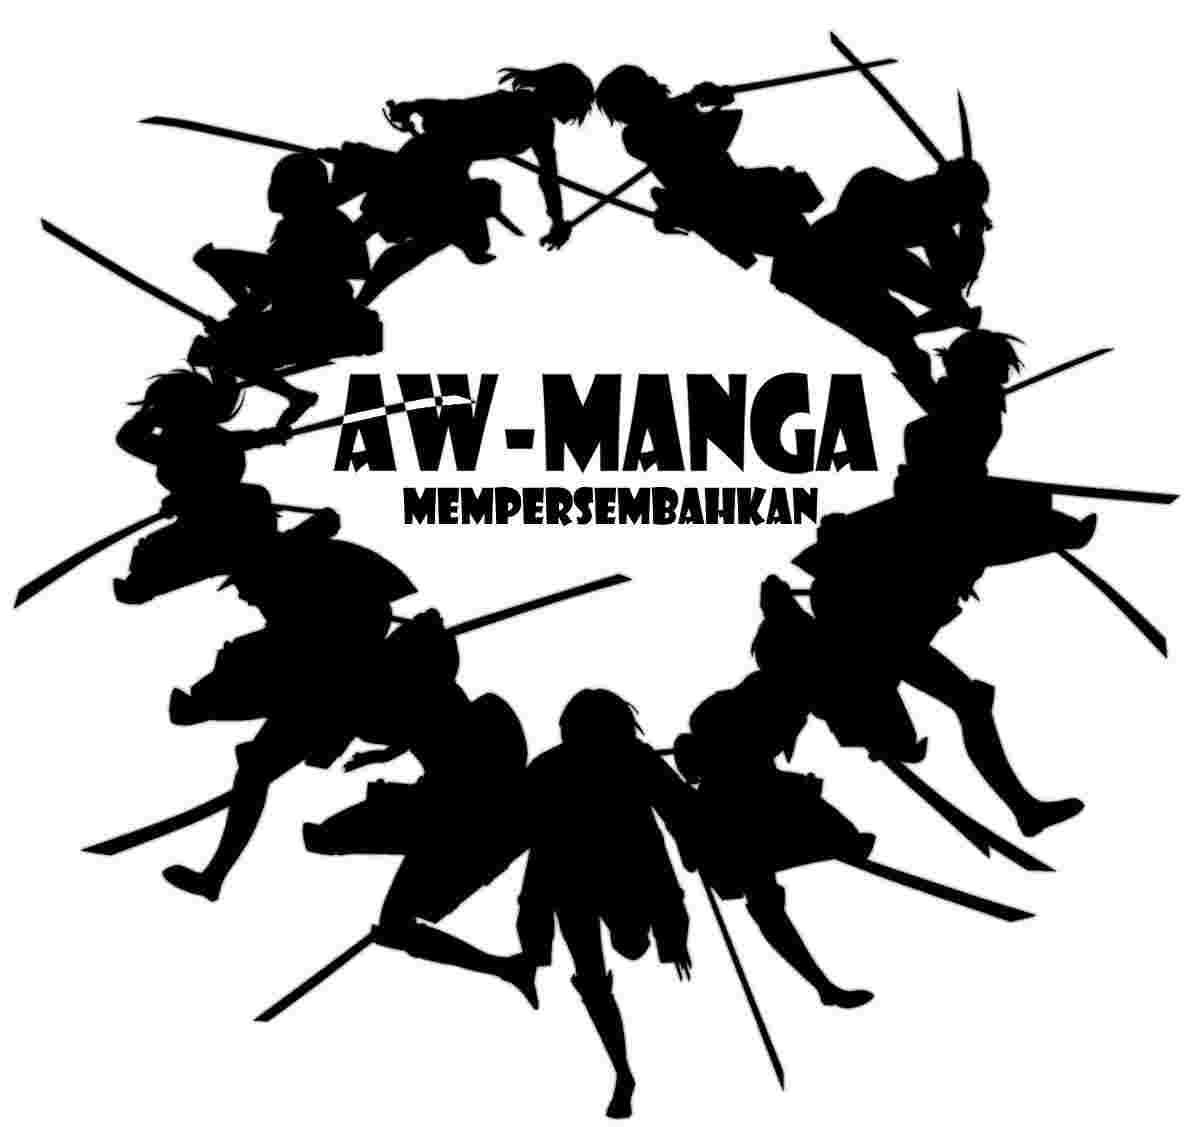 Komik shingeki no kyojin 013 - Luka 14 Indonesia shingeki no kyojin 013 - Luka Terbaru 0 Baca Manga Komik Indonesia Mangaku